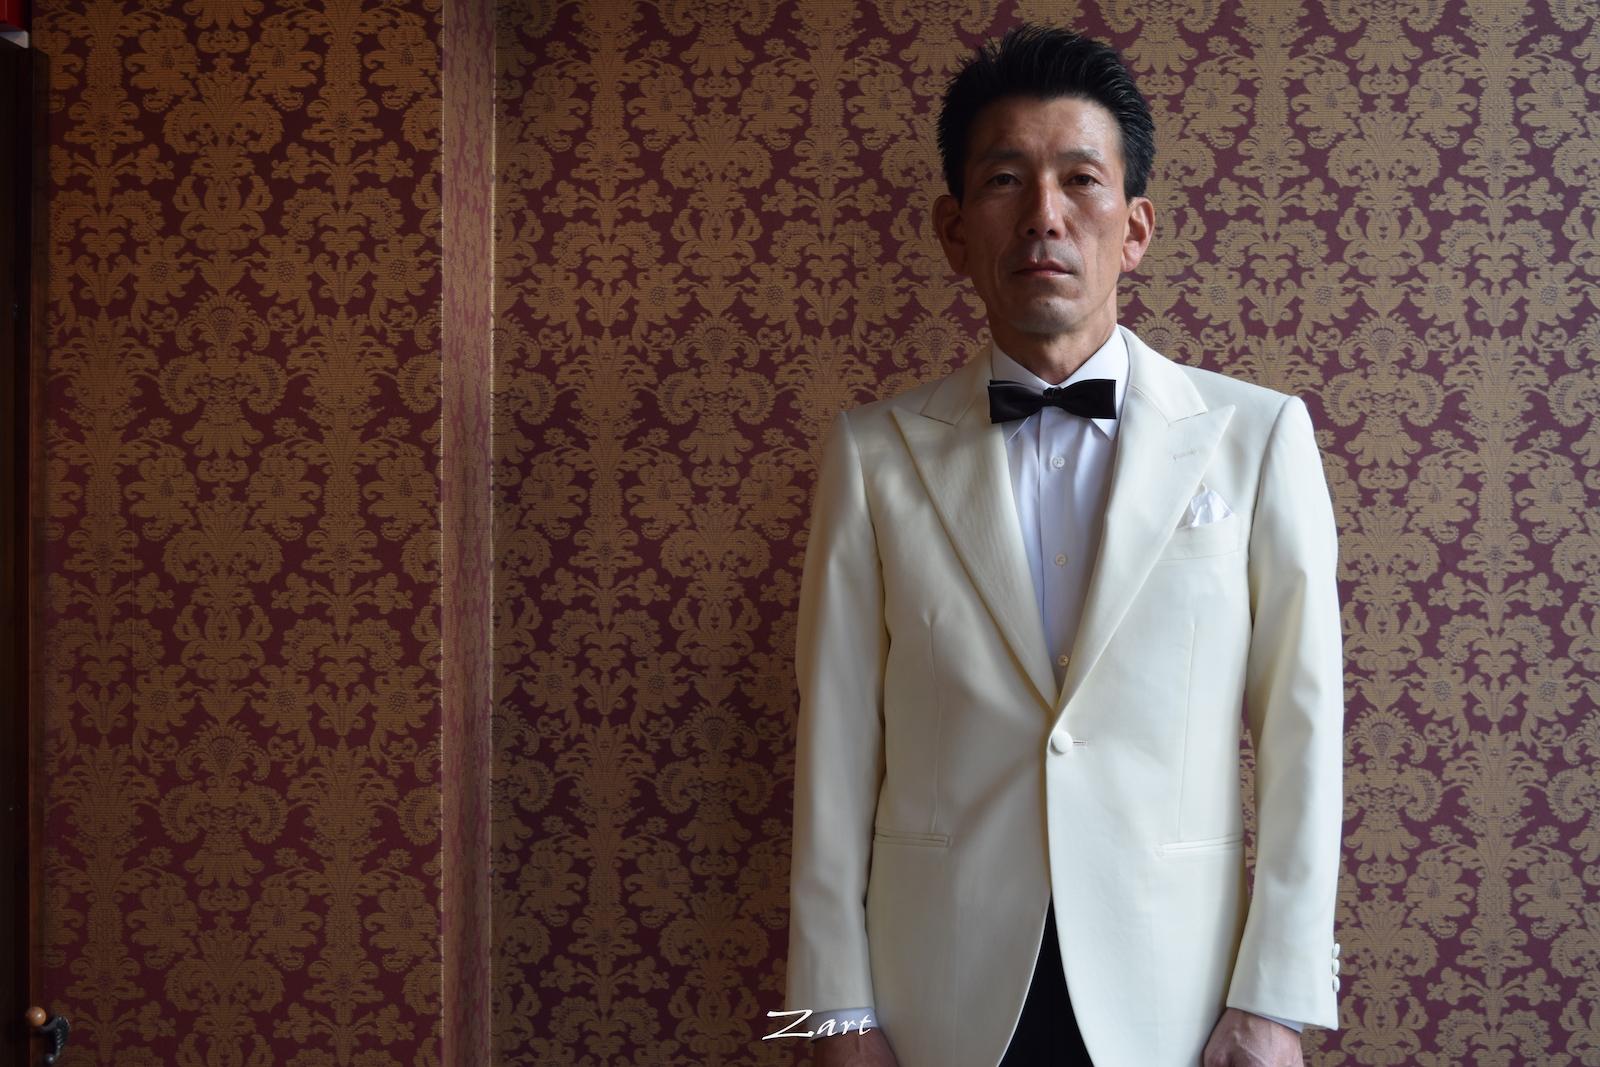 〜Tuxedo〜